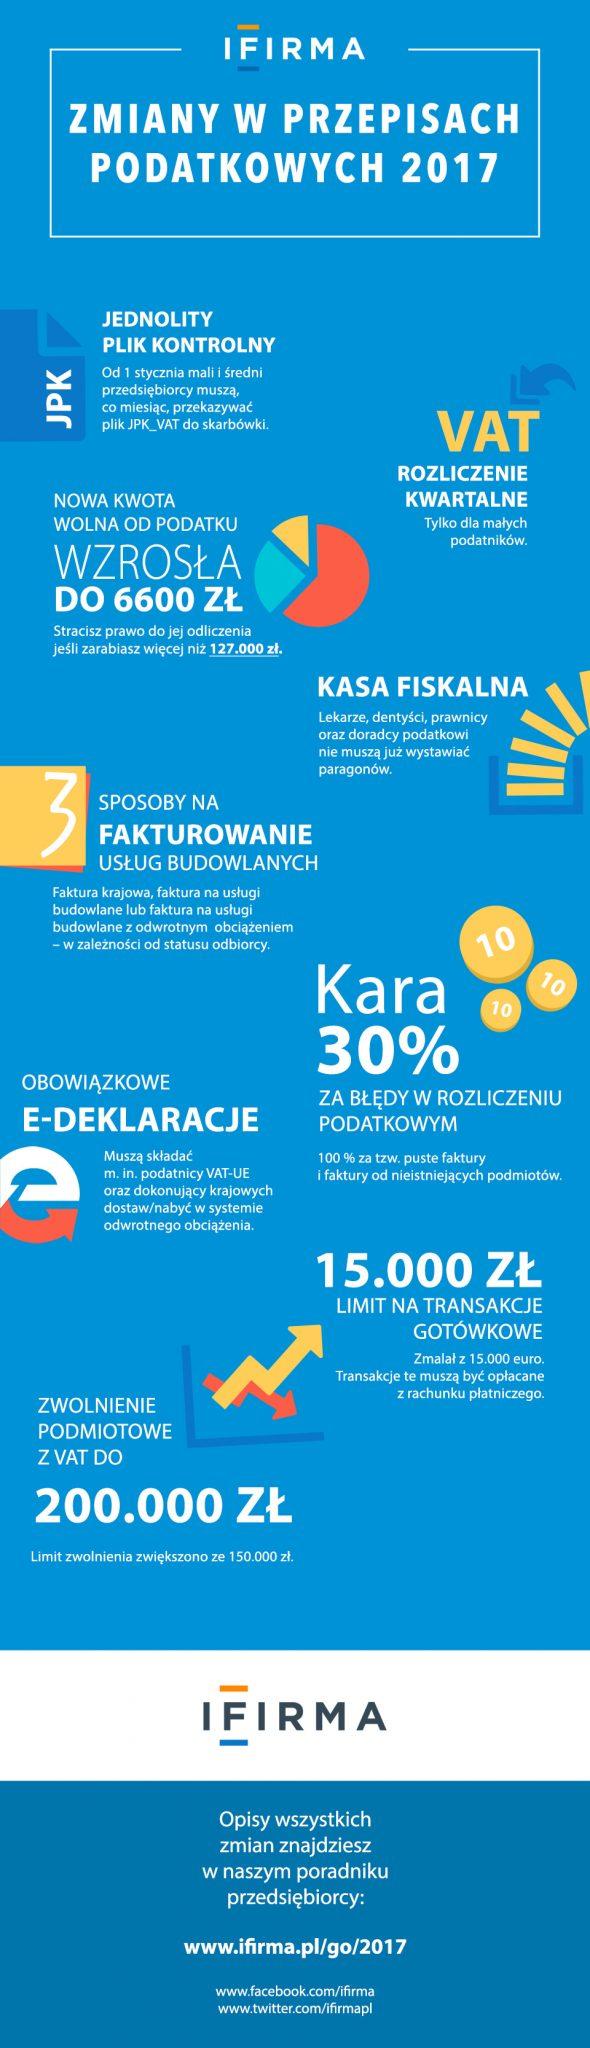 ifirma.pl program do księgowania - zmianywpodatkach2017